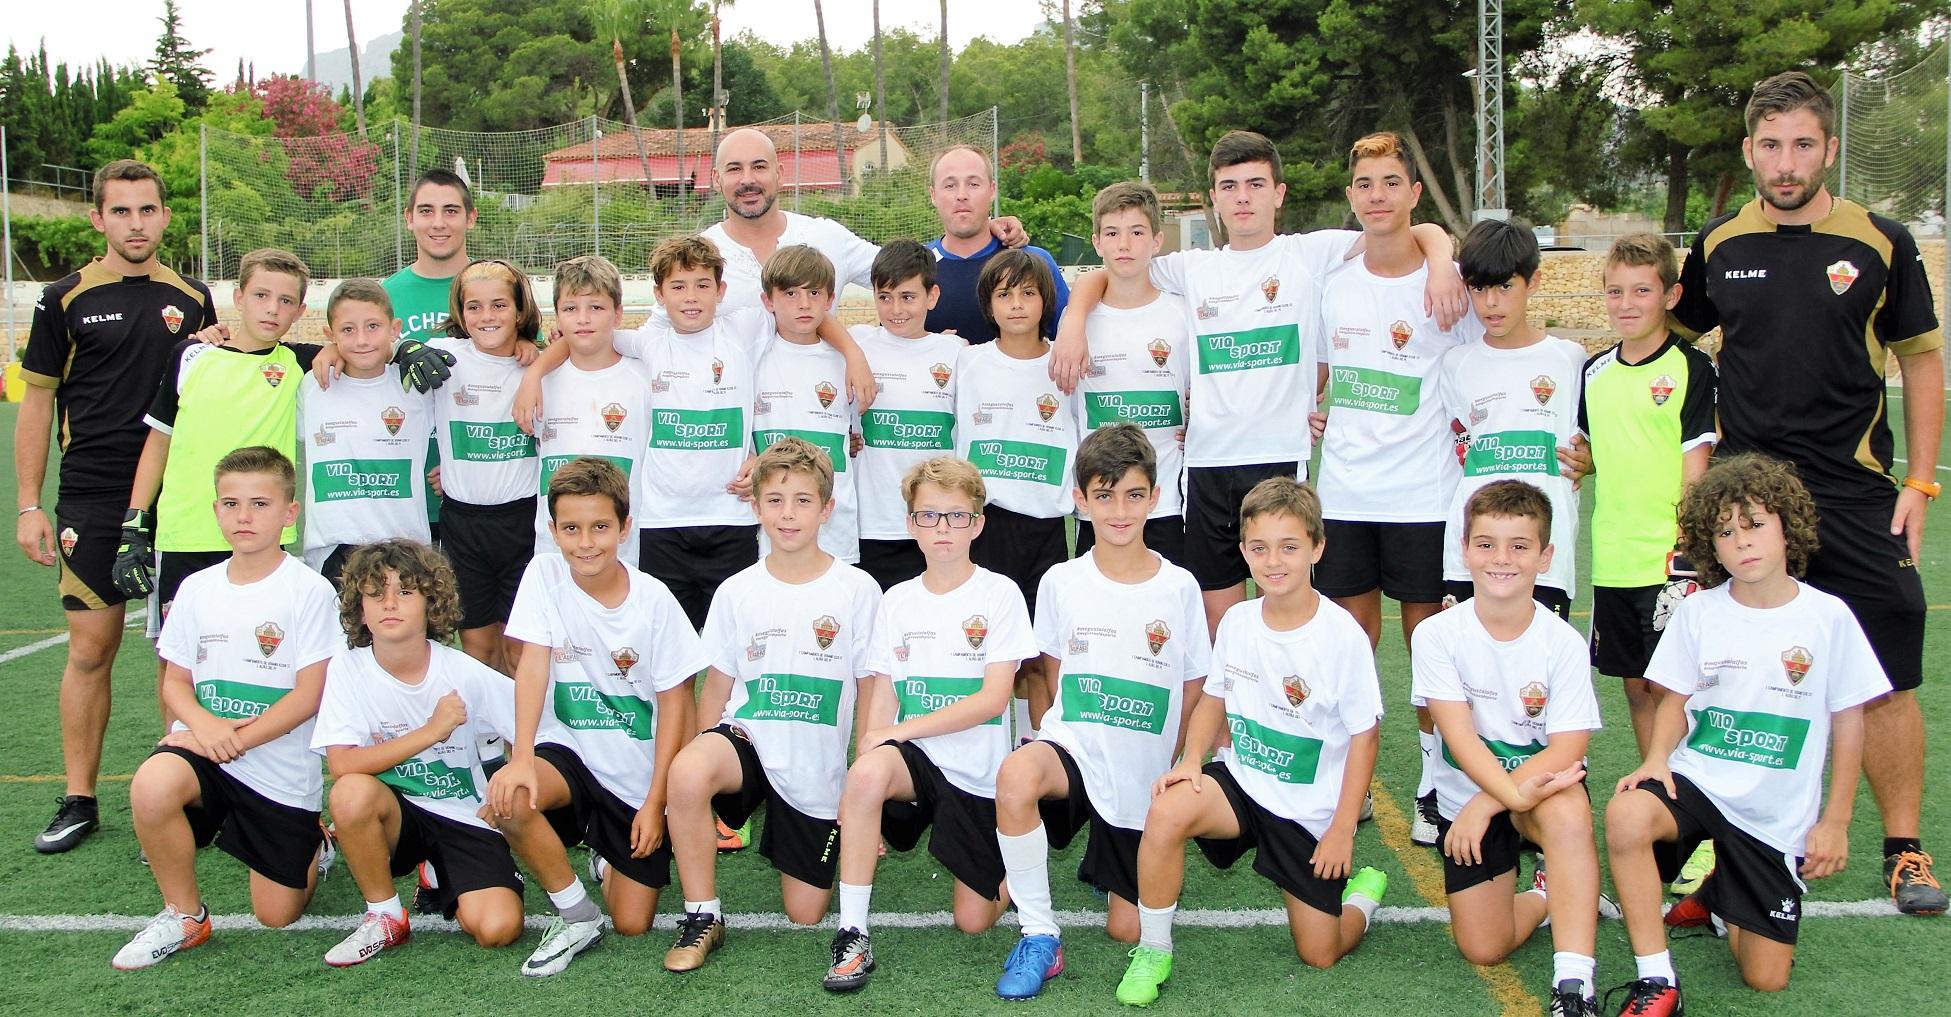 El concejal de deportes   ha visitado a los jugadores del  campus de tecnificación  del Elche CF